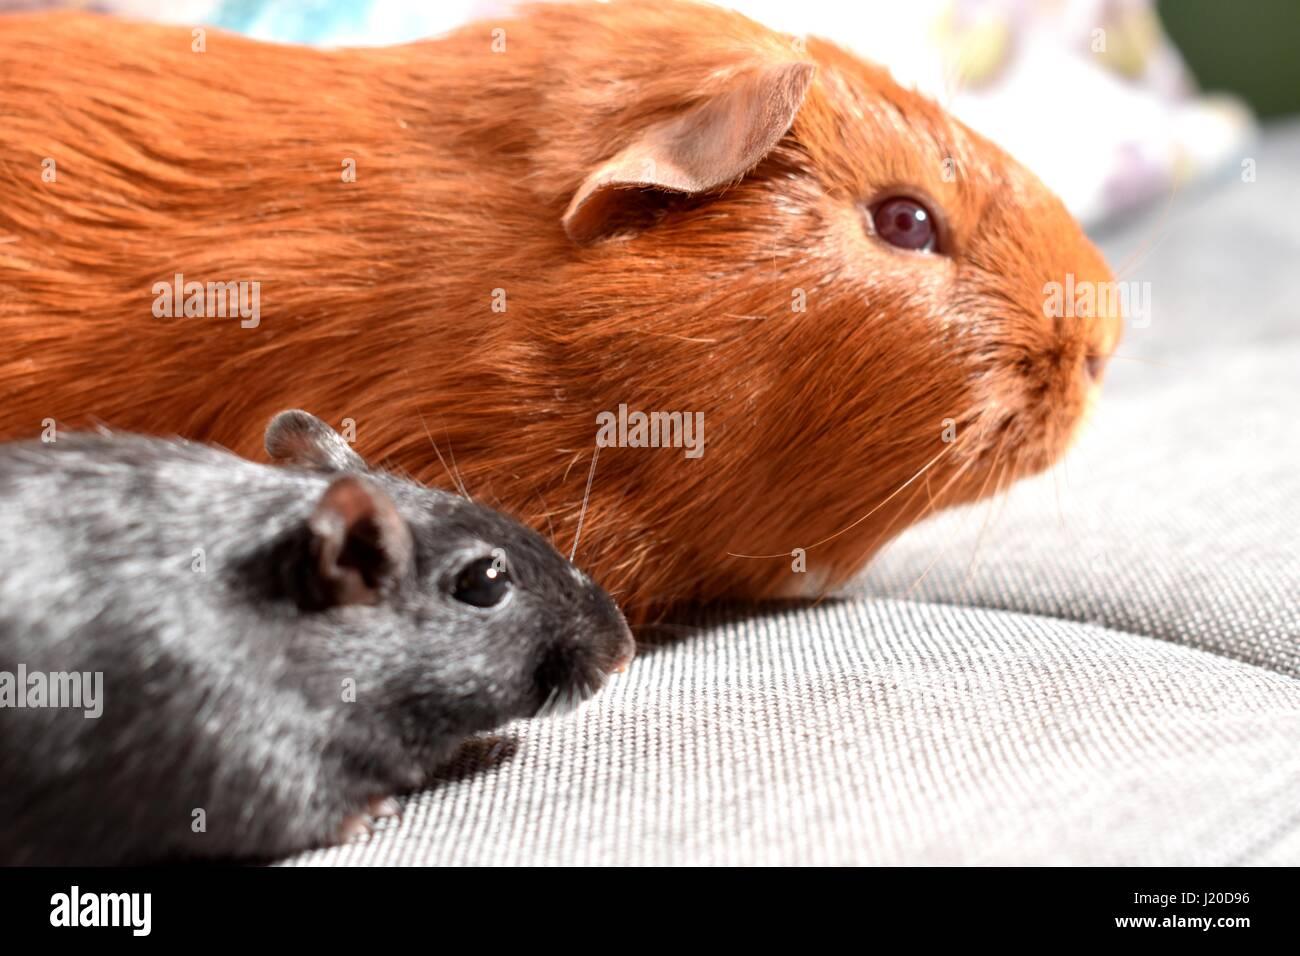 Ginger Haustier Meerschweinchen mit einer schwarzen Wüstenrennmaus Stockbild